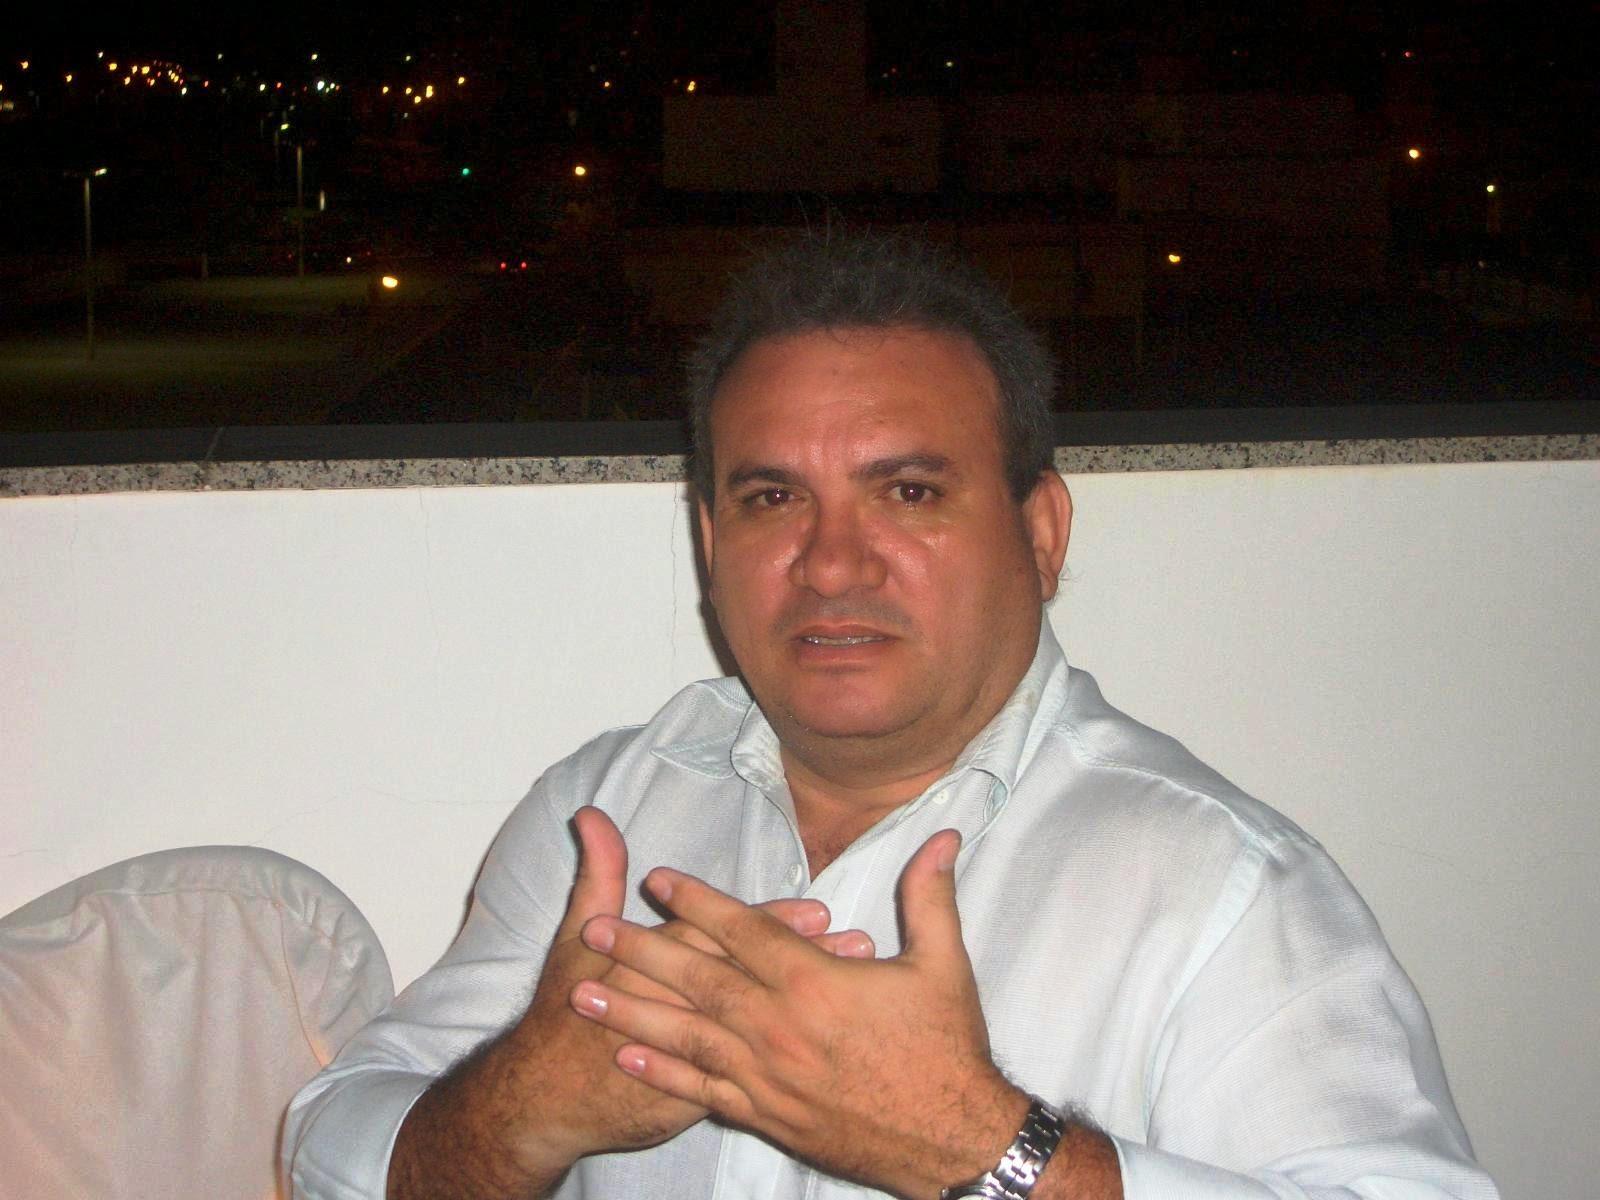 HERBERT OLIVEIRA MOTA - Advogado por profissão, Músico por predileção e Blogueiro por opção.